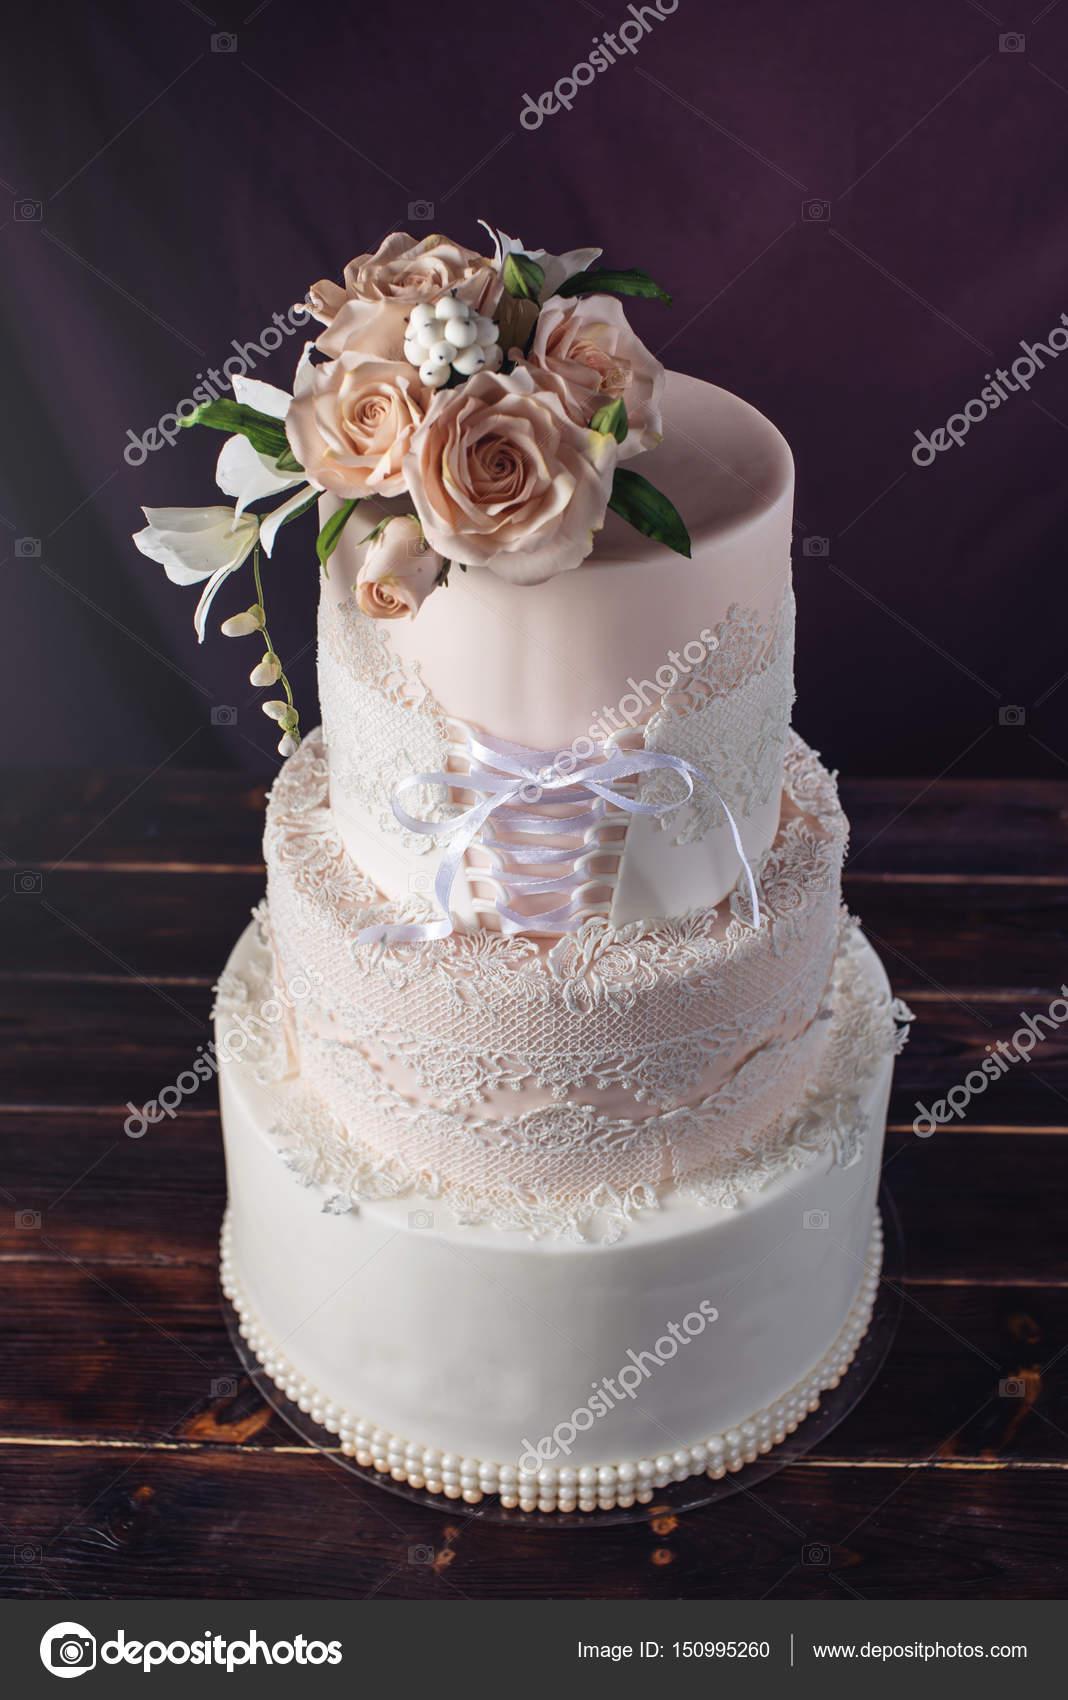 Hochzeitstorte Wie Kleid Mit Schleife In Korsett Mit Rosen